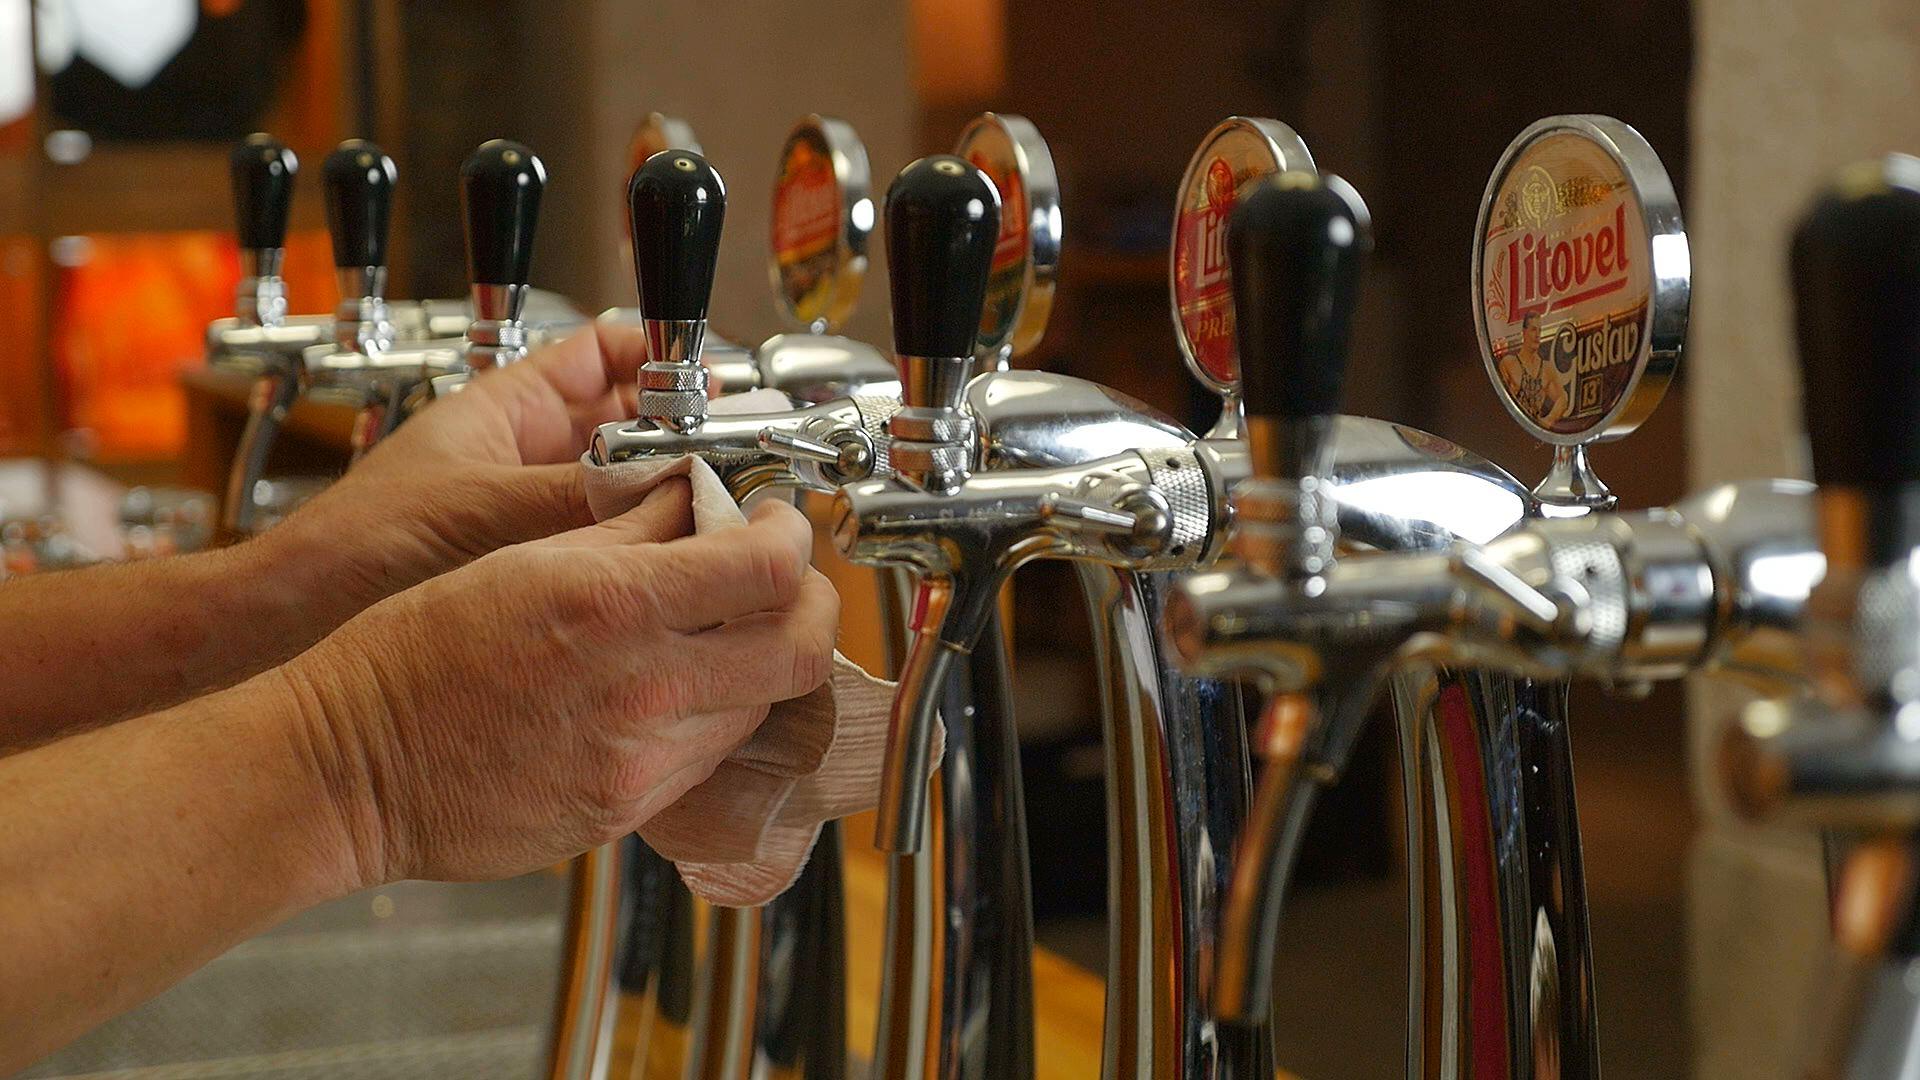 Pivovar Litovel pomáhá hospodským při rozjezdu. Zapůjčuje vybavení a zdarma připravuje výčepní zařízení